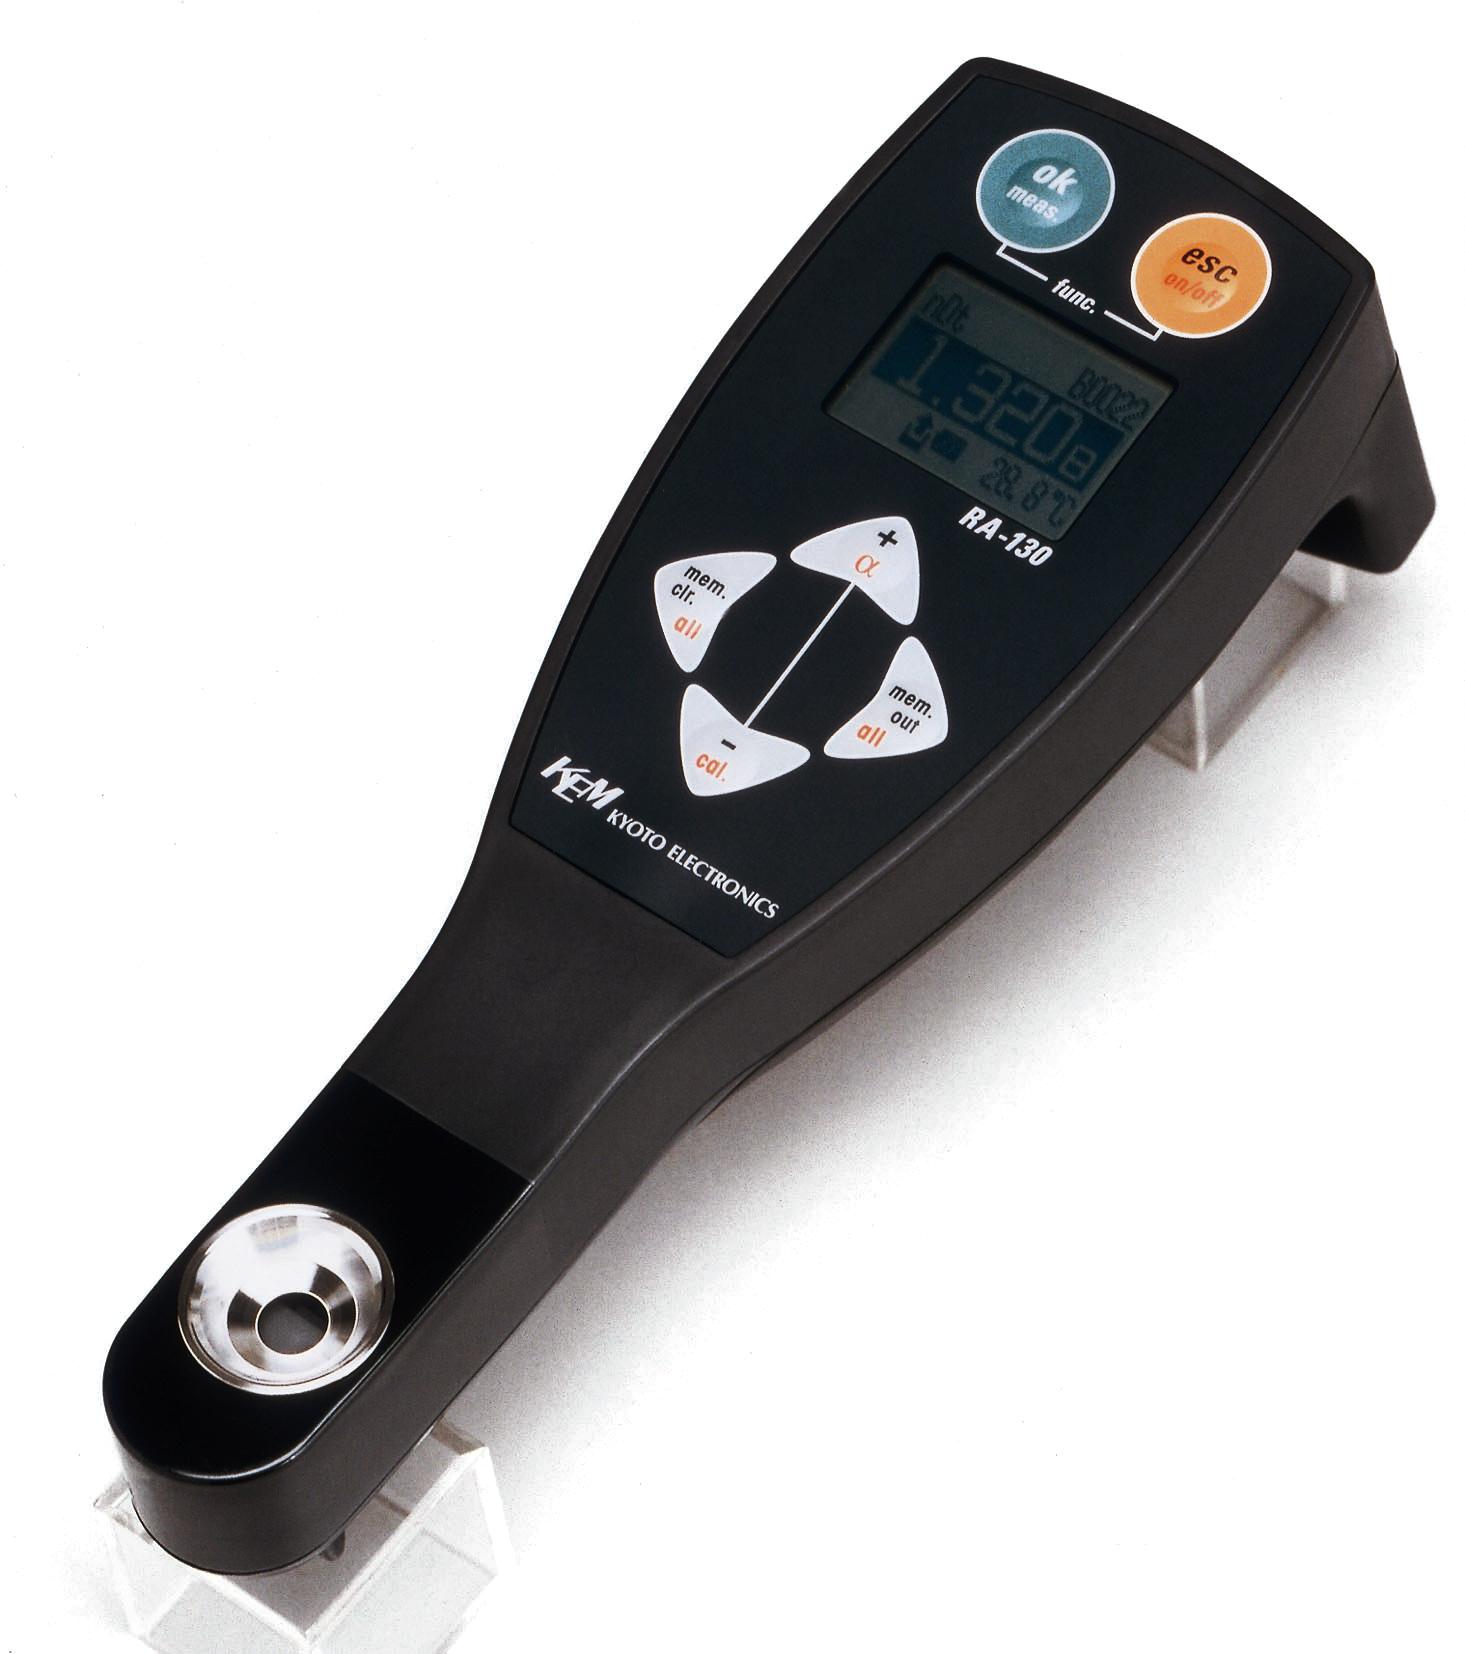 便携式折光率仪/糖度计 RA-130